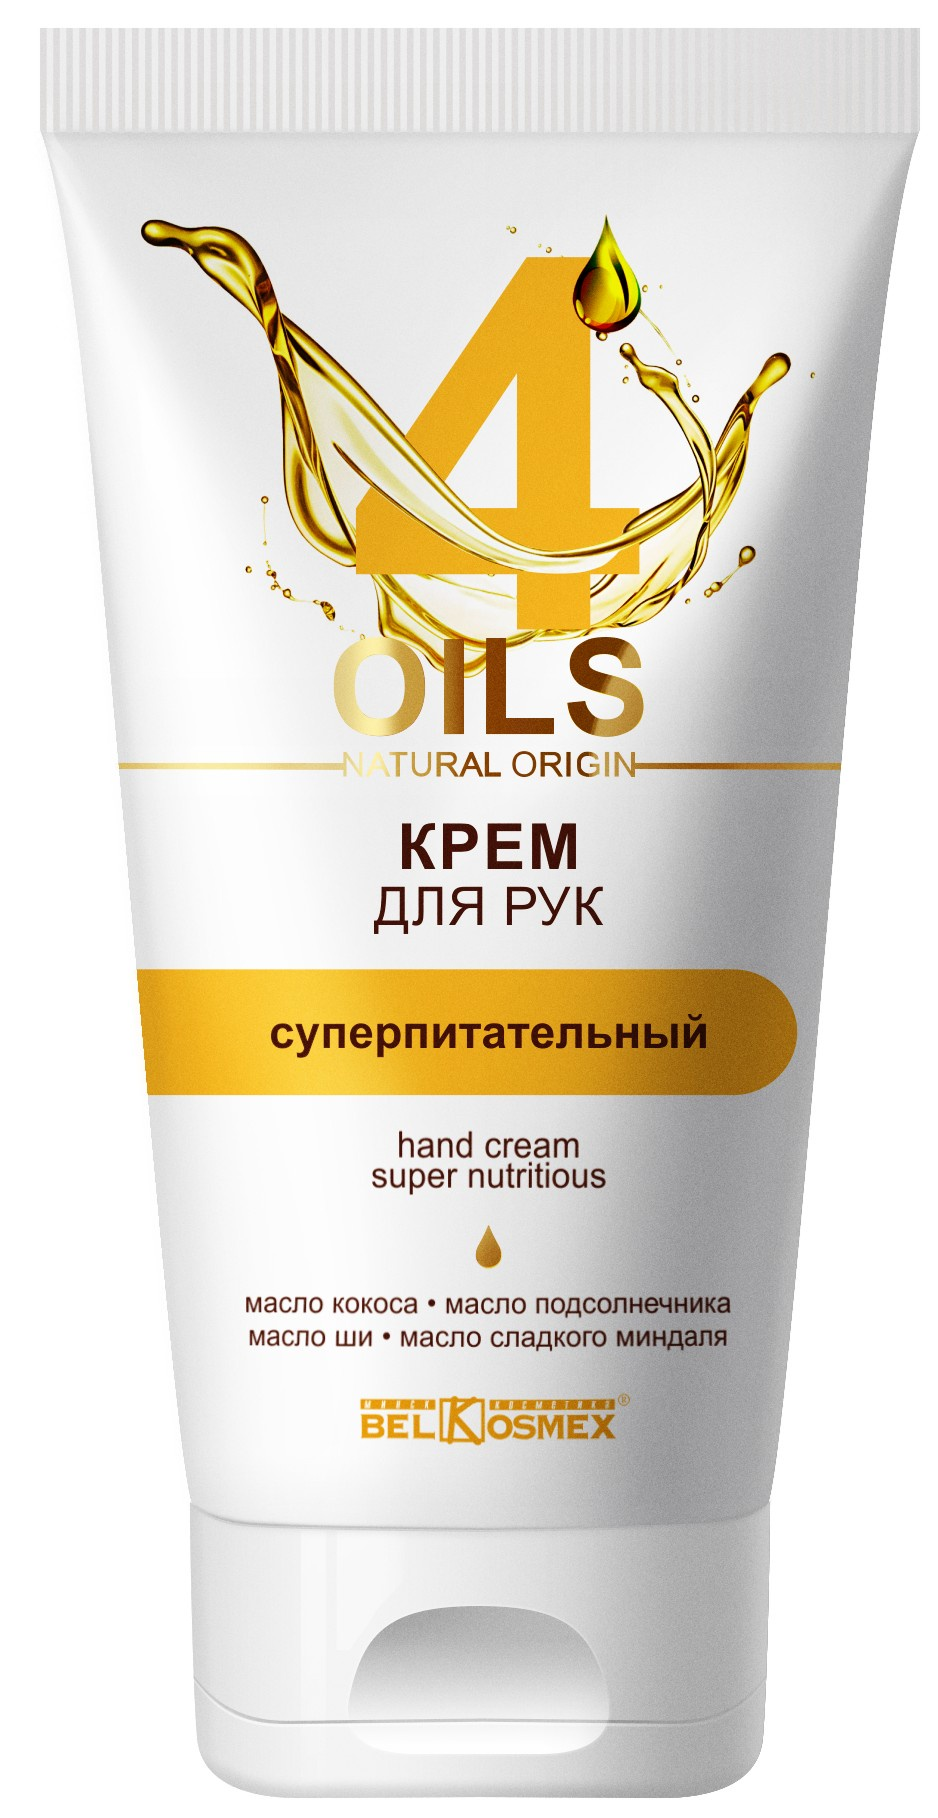 2 шт. Крем для РУК суперпитательный OILS NATURAL ORIGIN 80г крем суперпитательный 50 мл